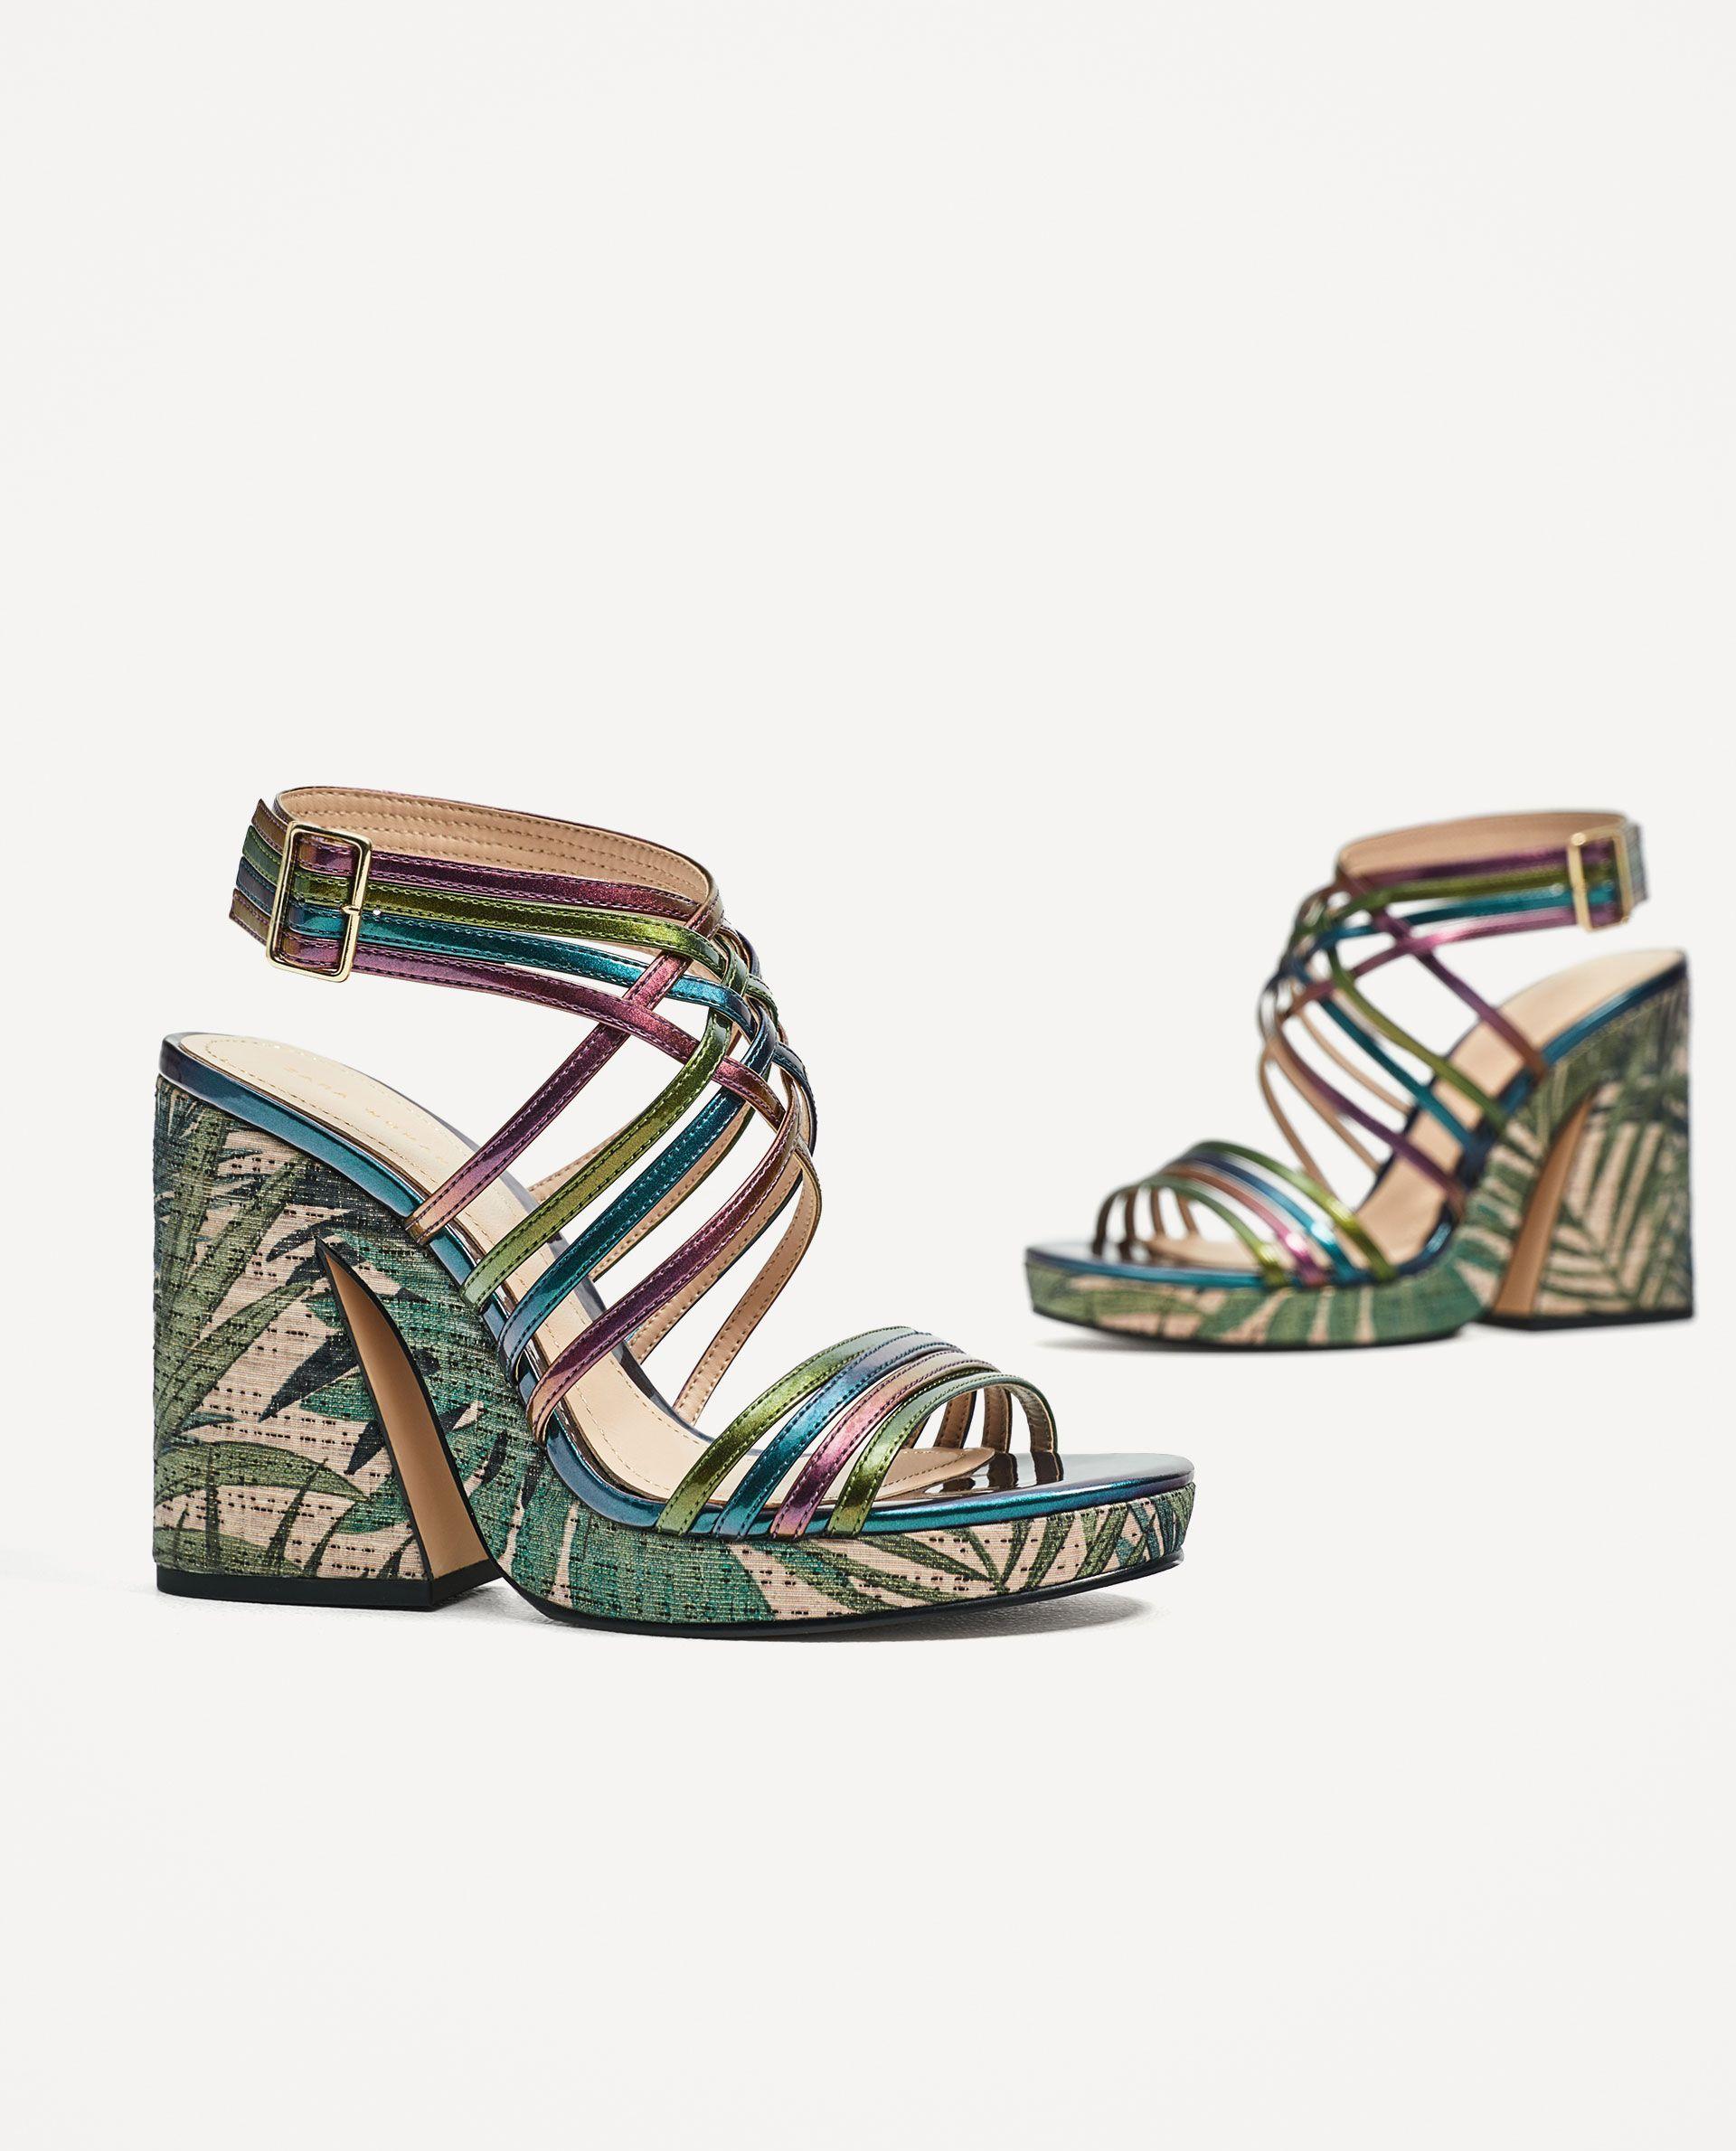 211485f28559e1 Якщо ж ви любите моделі на плоскій підошві, відмінний варіант - сандалі або  шльопанці. Вони не тільки зручні, але і неймовірно модні в цьому сезоні.